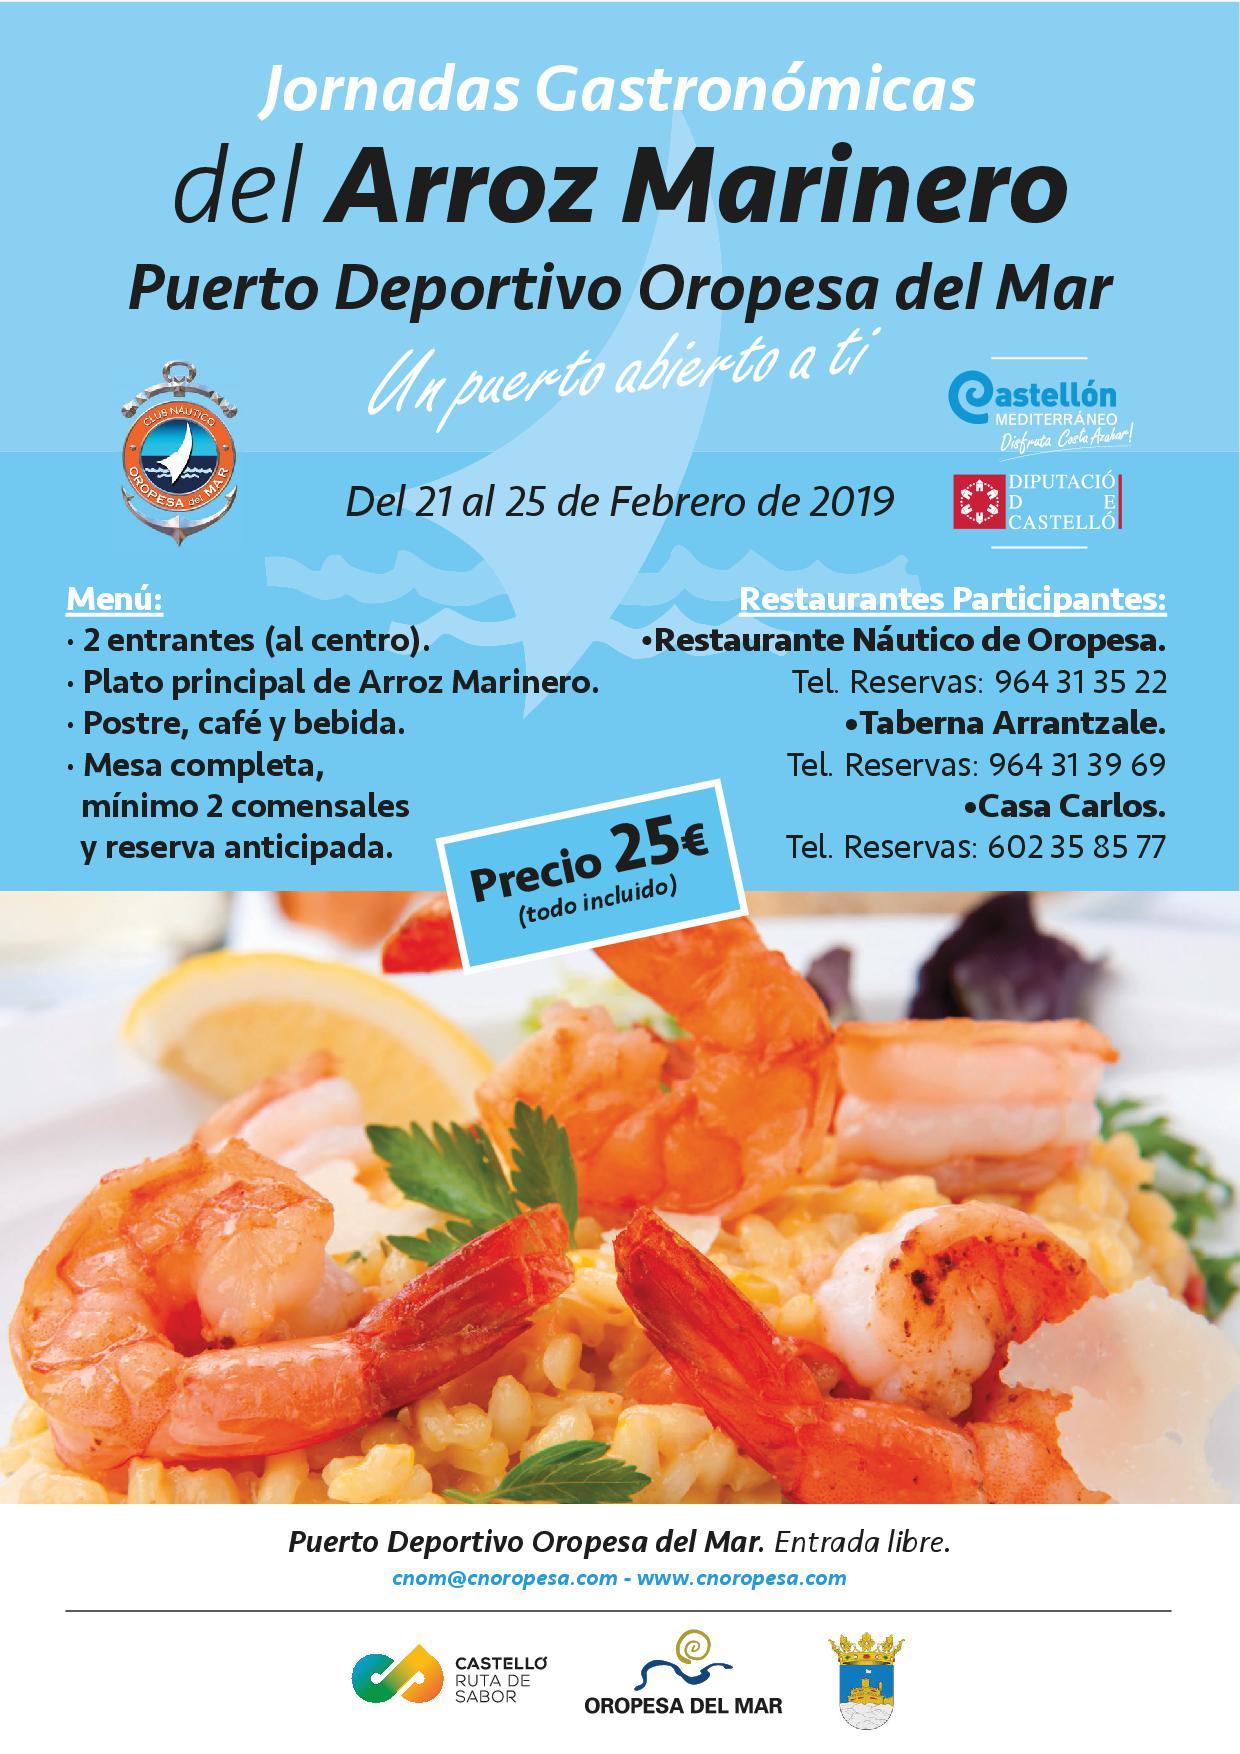 CartelArrozMarinero - Jornadas gastronómicas del Arroz Marinero